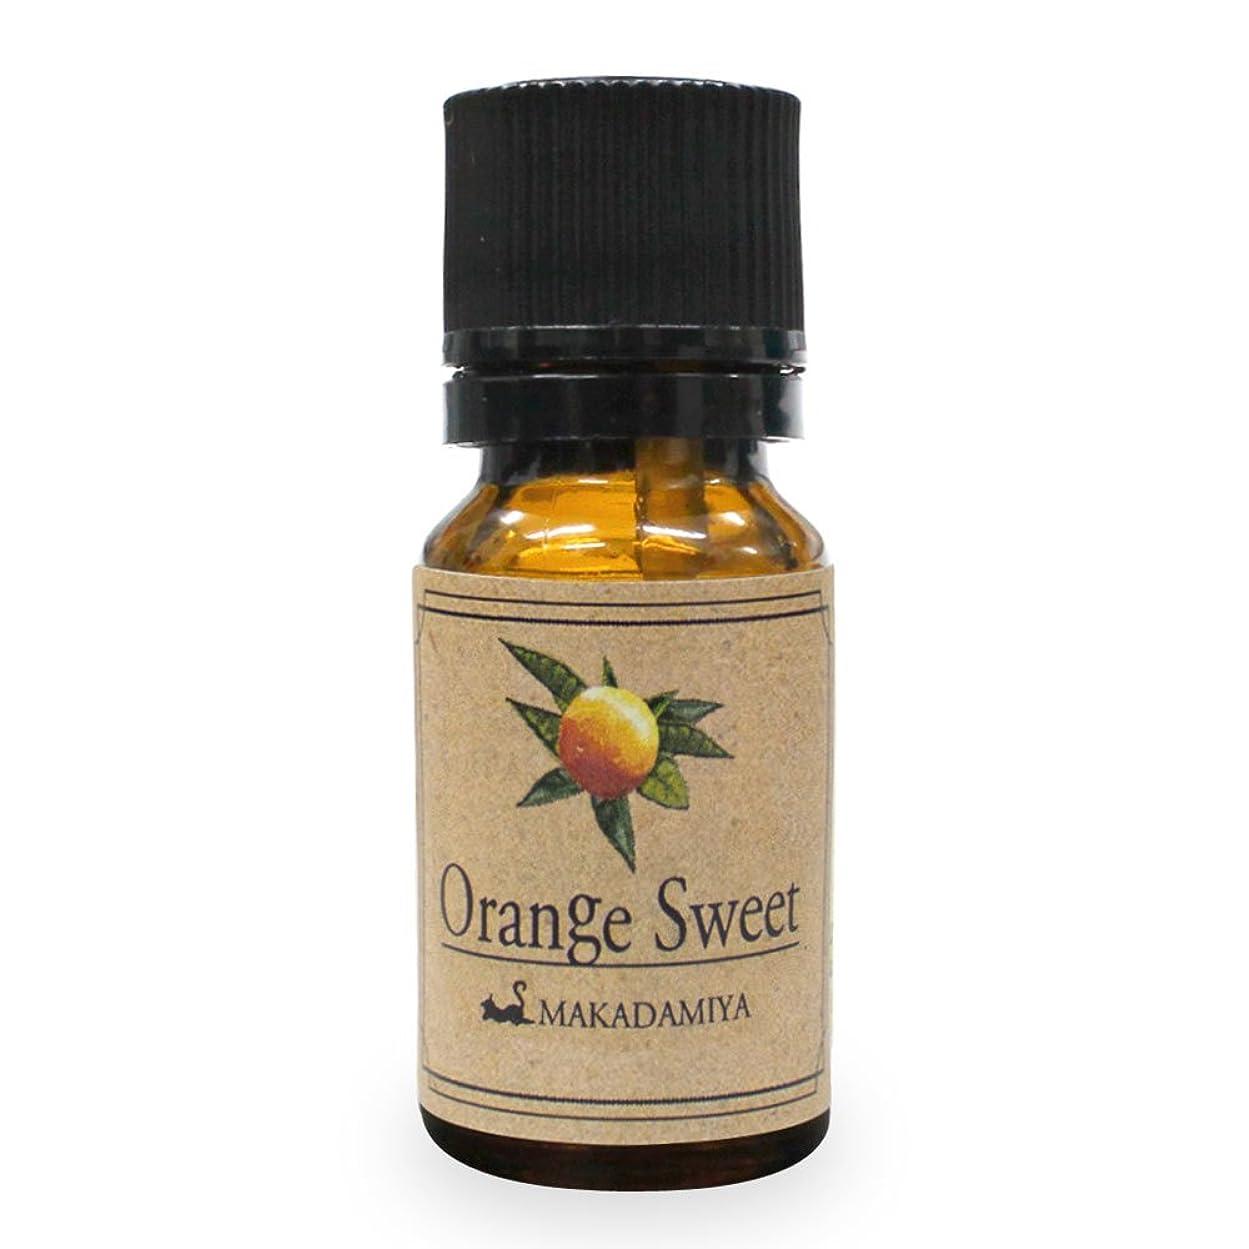 顔料ひそかにスケジュールオレンジ?スイート10ml 天然100%植物性 エッセンシャルオイル(精油) アロマオイル アロママッサージ aroma Orange S.